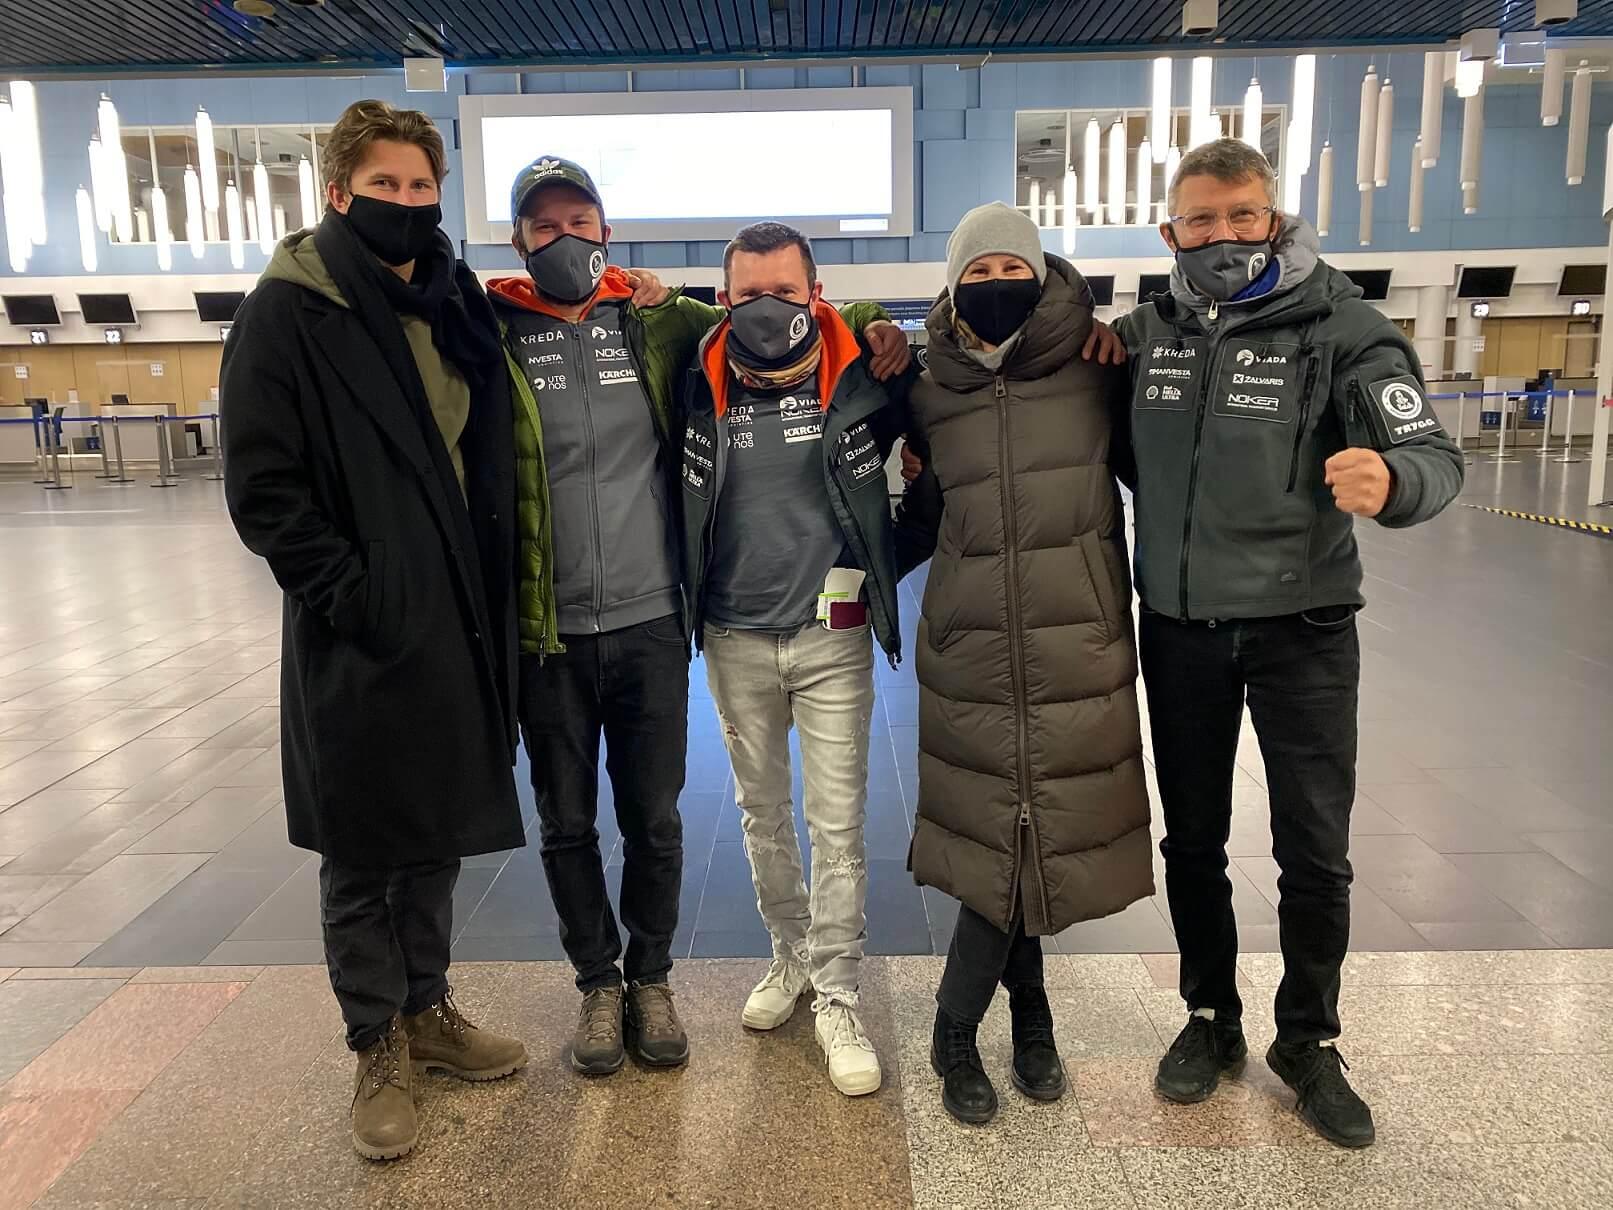 Į Dakarą išlydėtas Antanas Juknevičius su komanda